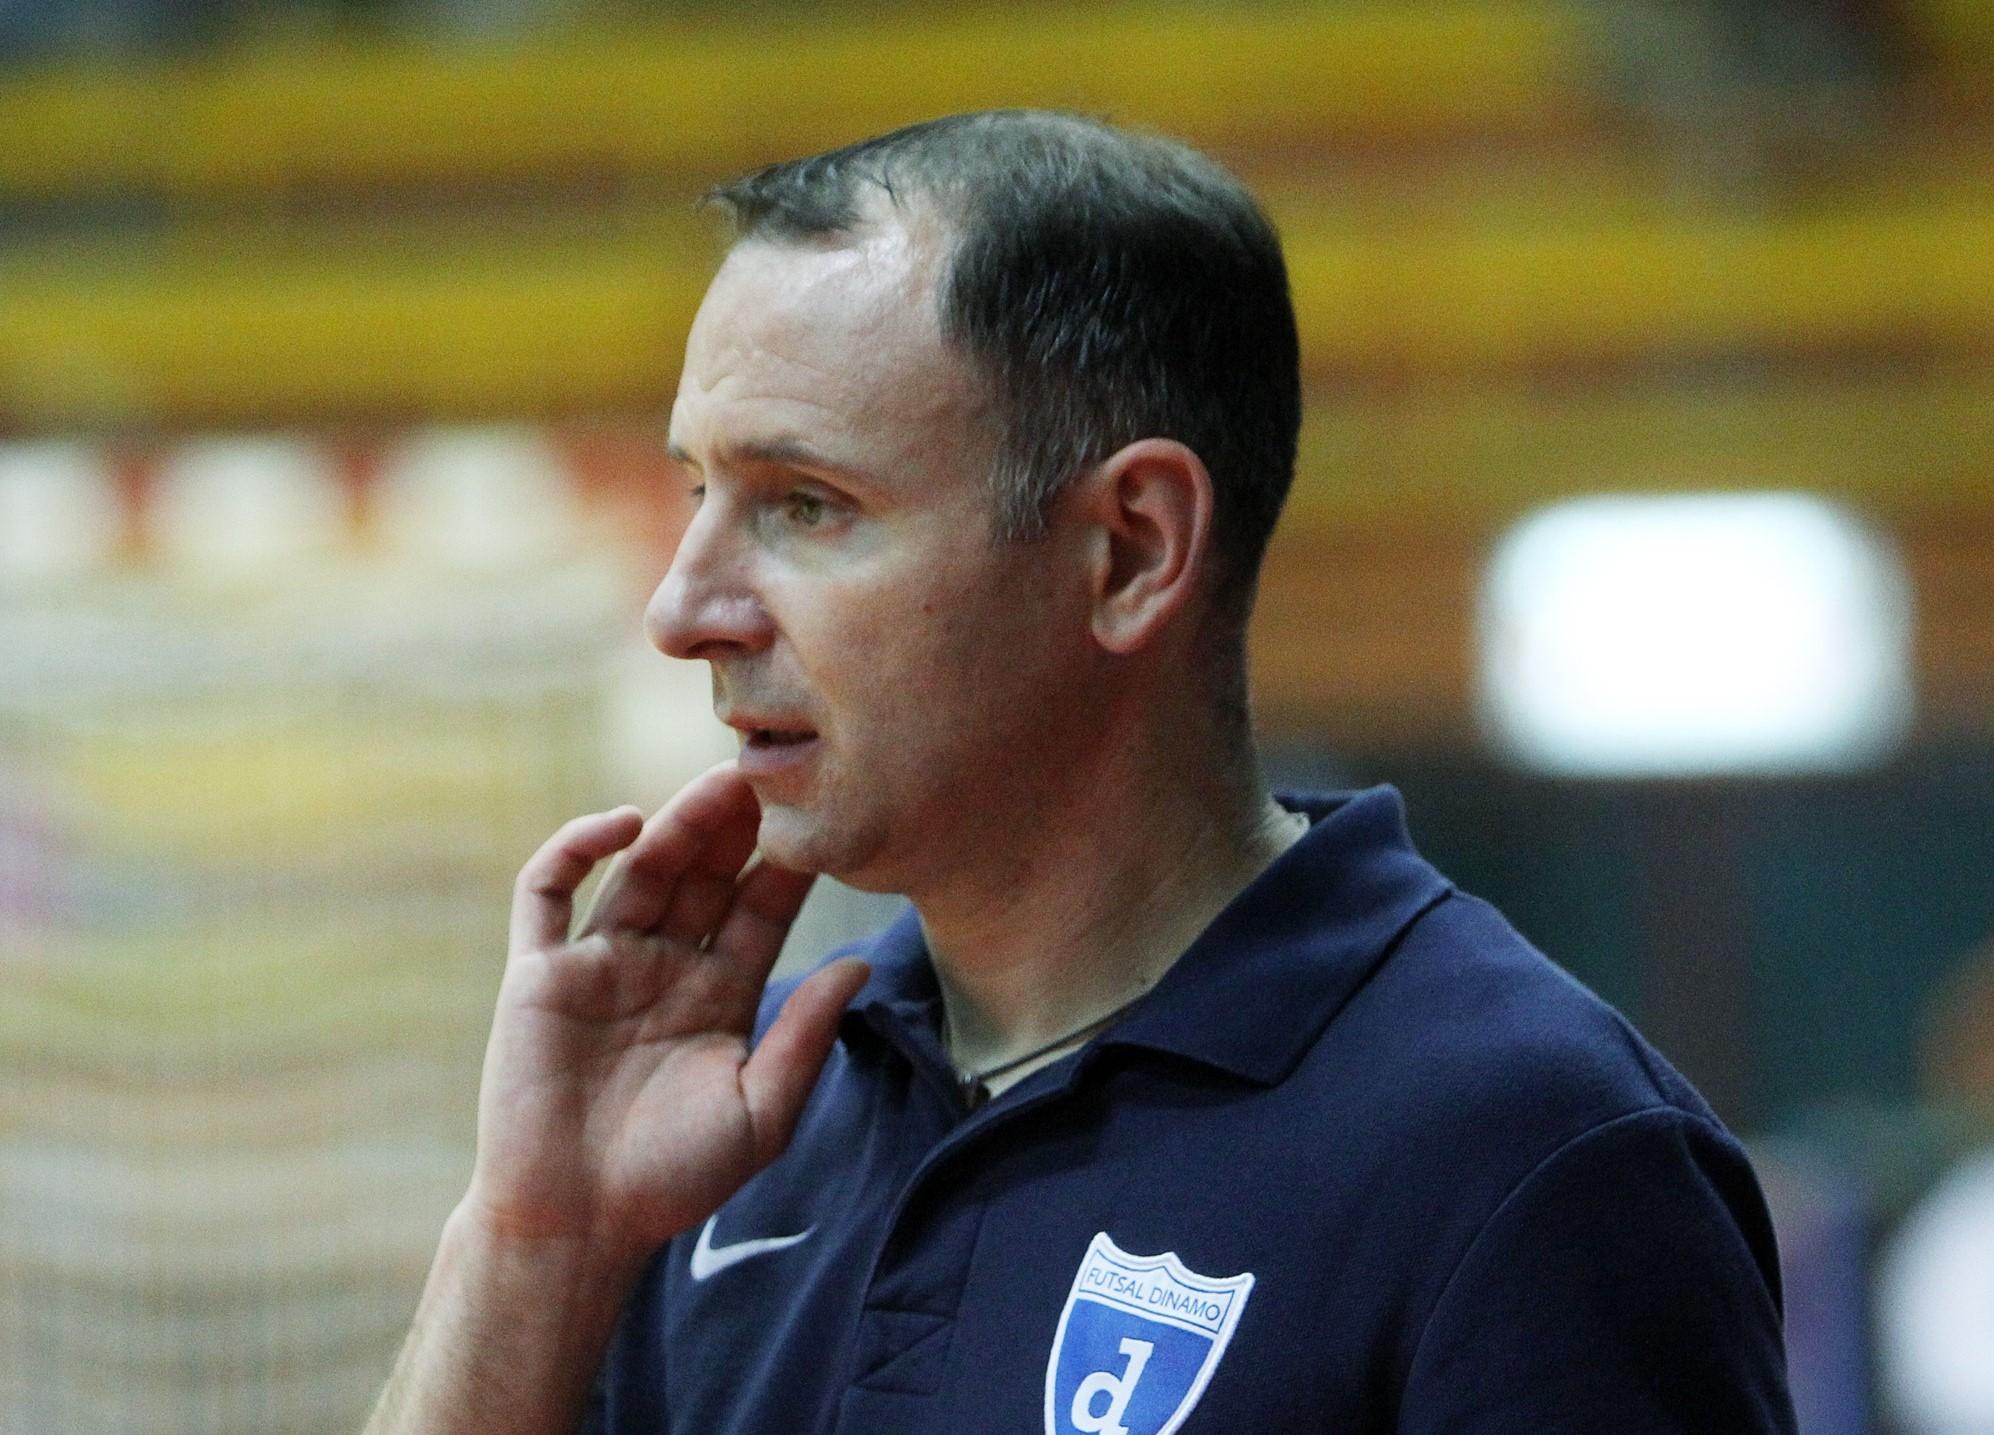 TRAGEDIJA U VARAŽDINU Poznati malonogometaš Mate Čuljak srušio se na utakmici i preminuo